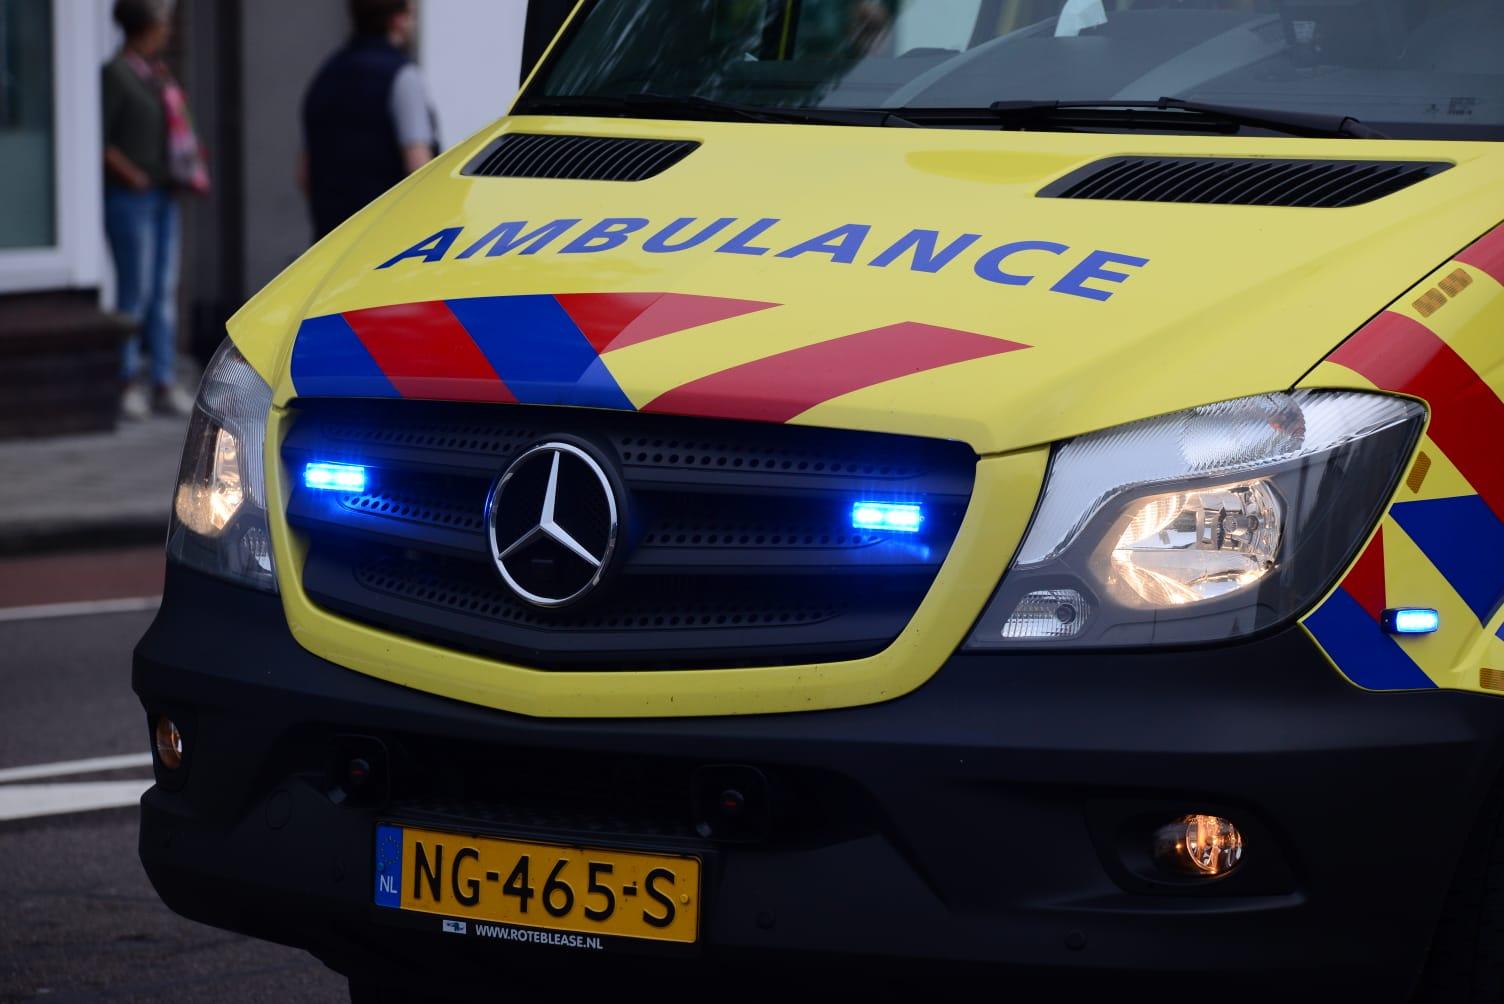 Motorrijder (24) overleden na aanrijding met auto Beneden Zandpad Middelharnis